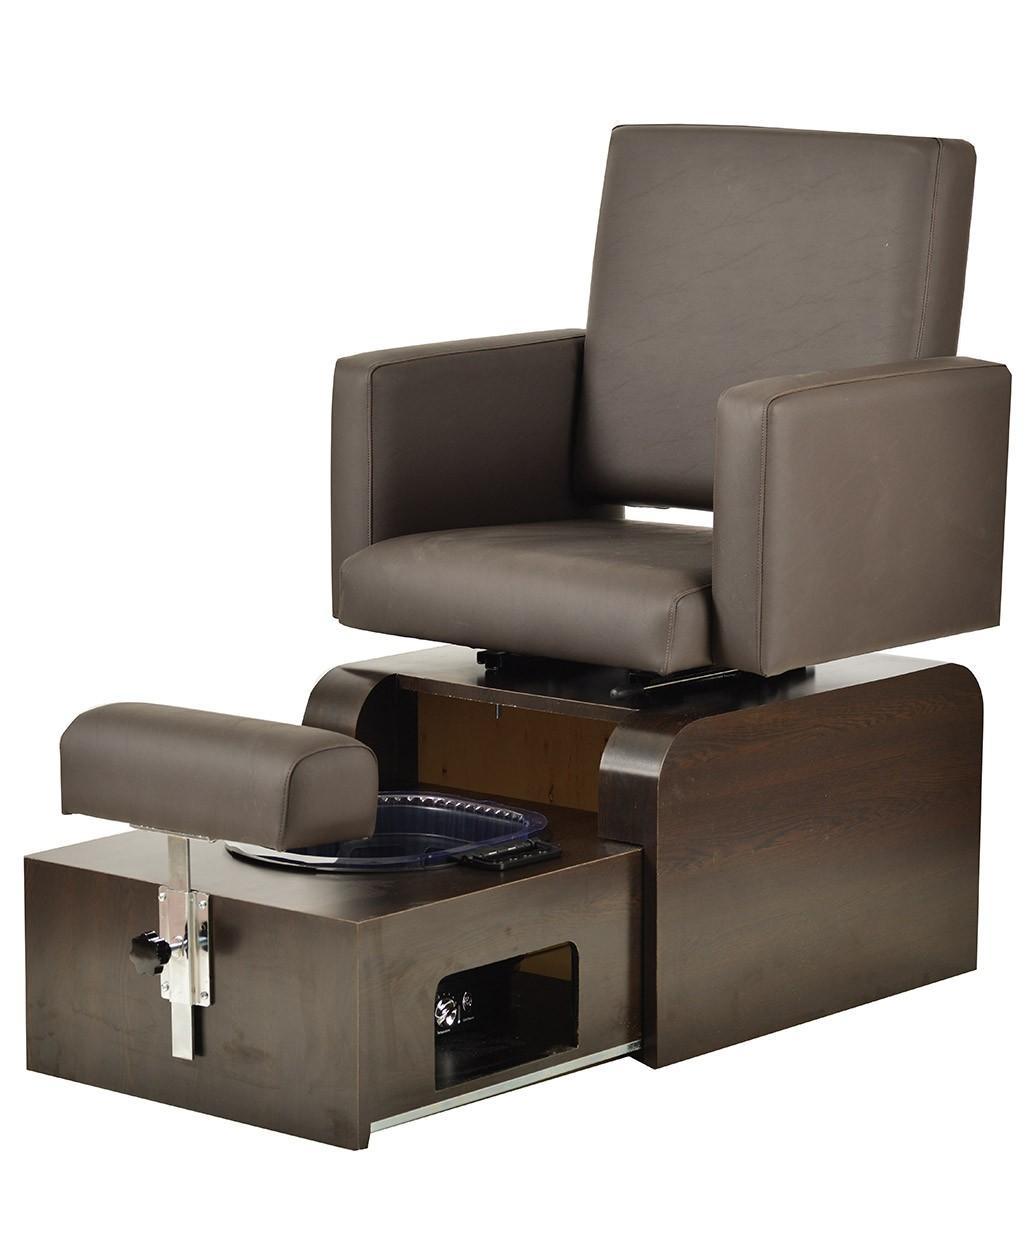 Furniture: Pedicure Sofa | Cheap Pedicure Chairs | Cheap Pedicure In Sofa Pedicure Chairs (View 2 of 20)